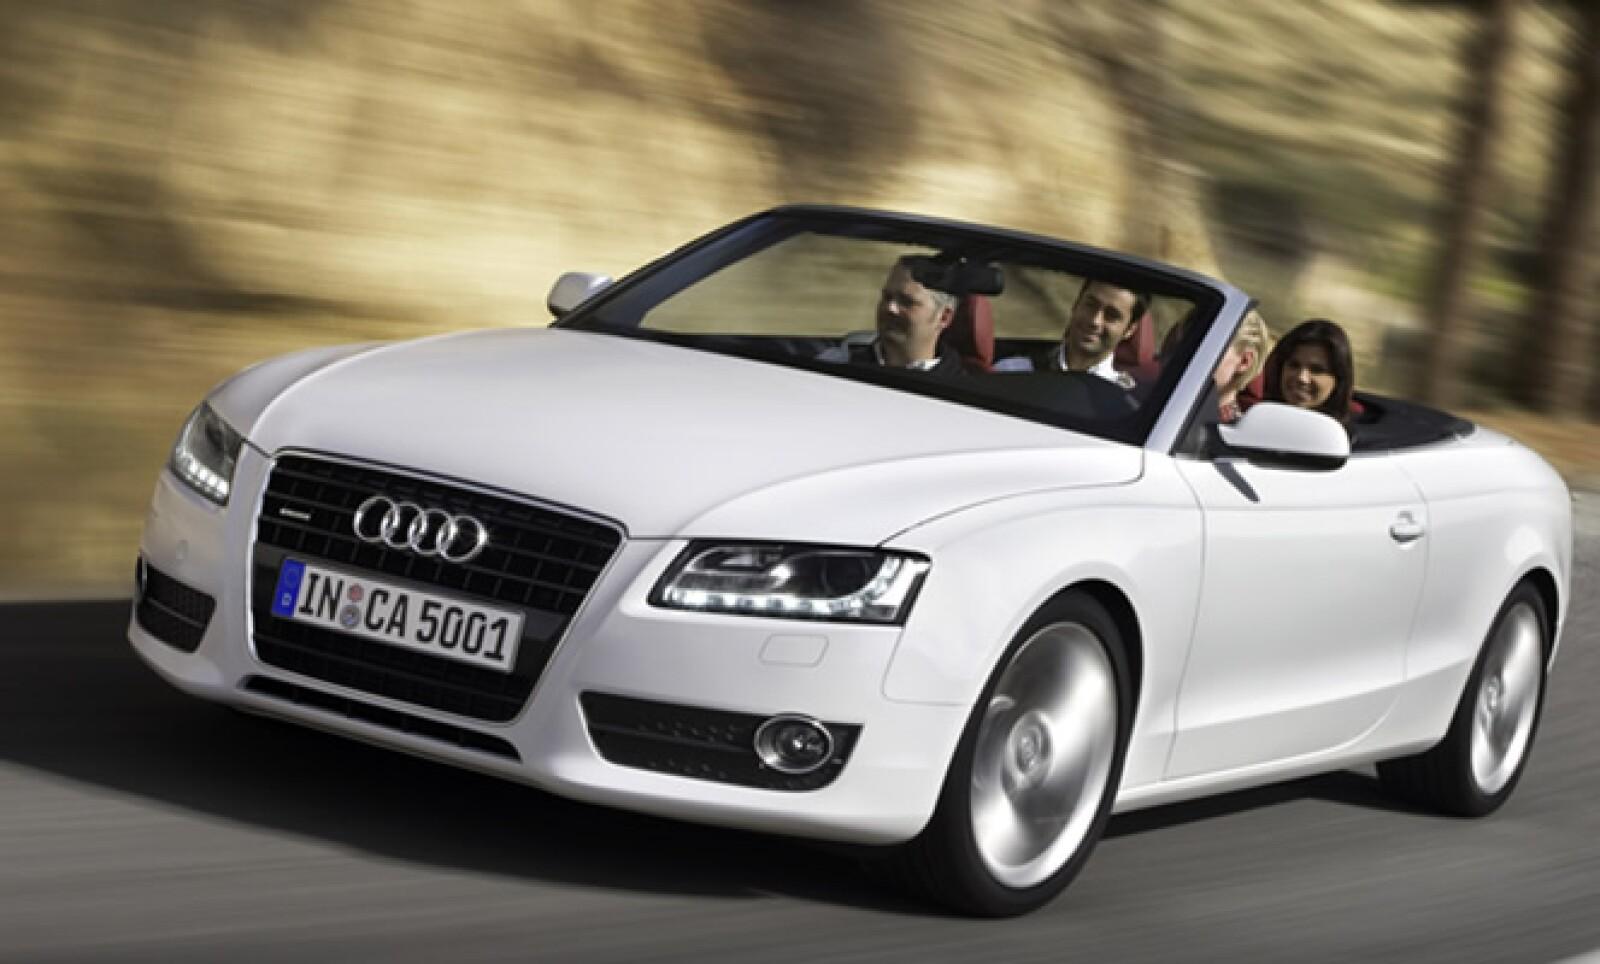 Entre los festejos de Audi por sus 100 años Audi introducirá nuevos modelos al mercado mexicano: el Audi R8, A5 Cabriolet, Audi S4 y la SUV Q7. En la foto, el A5 Cabriolet, ahora con 211 caballos de fuerza y 7 velocidades.